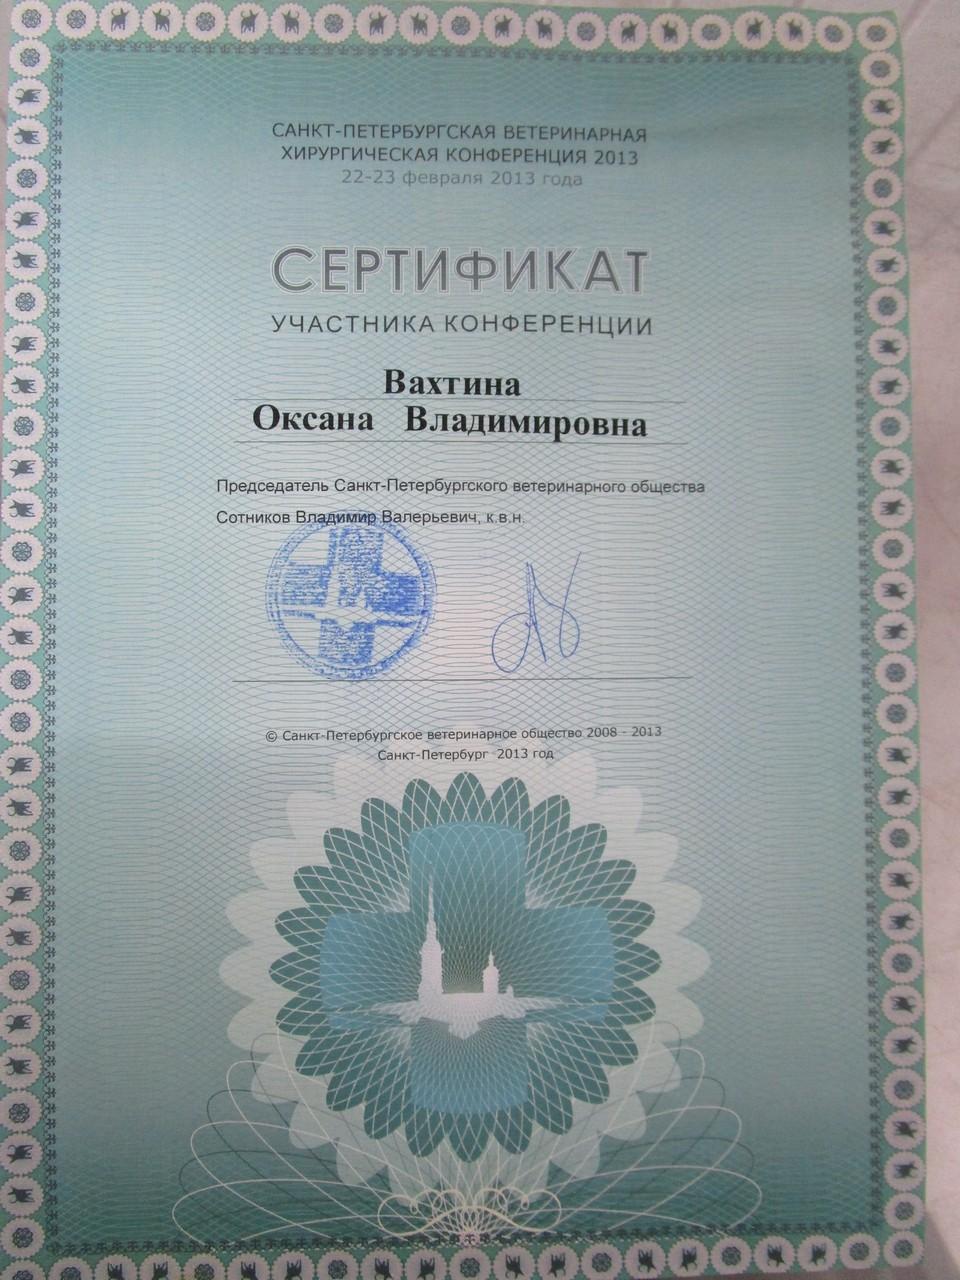 #ветеринарпарнас сертификат